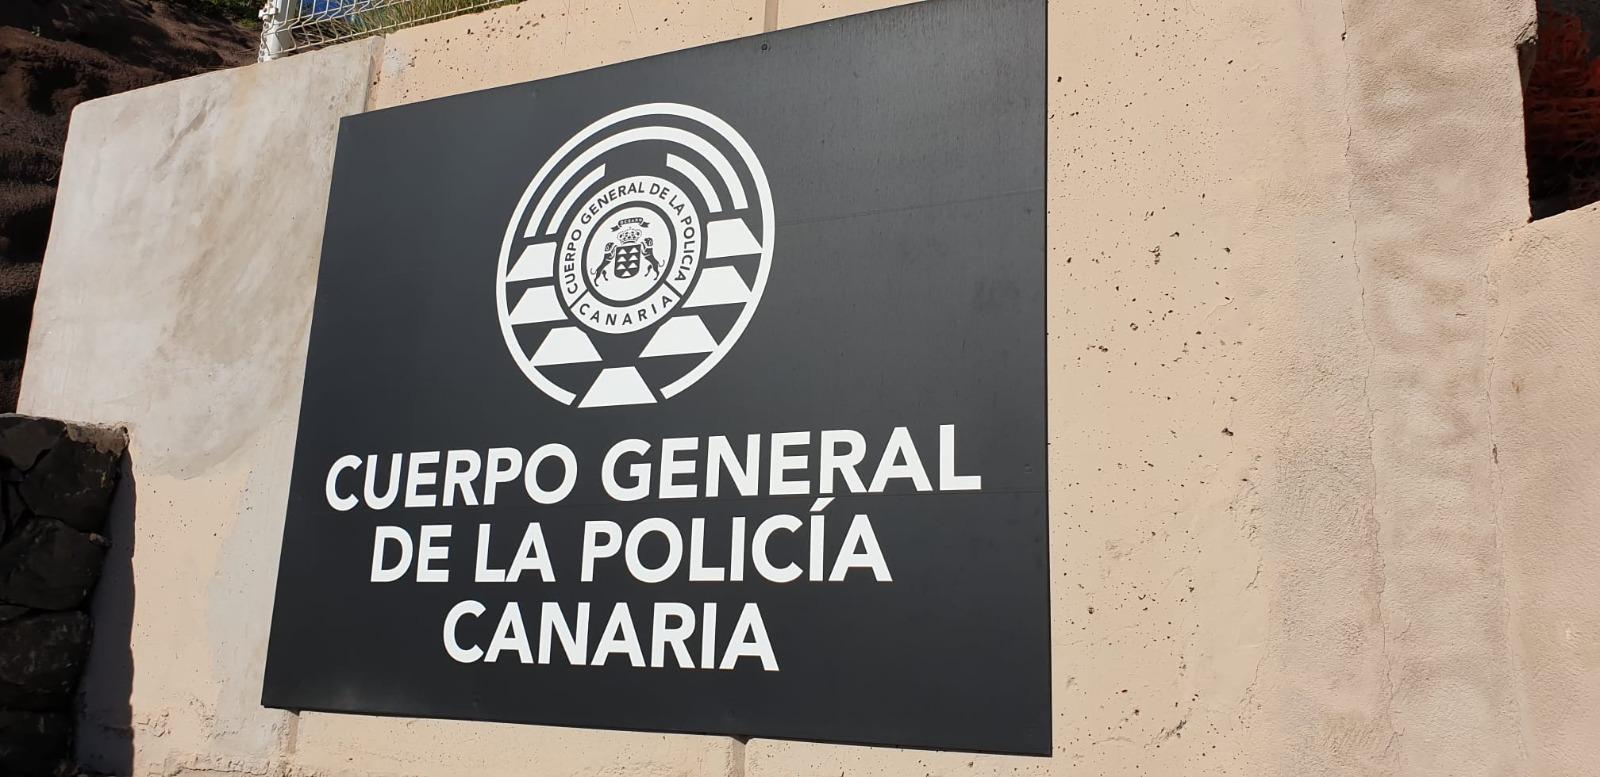 Escudo del CGPC